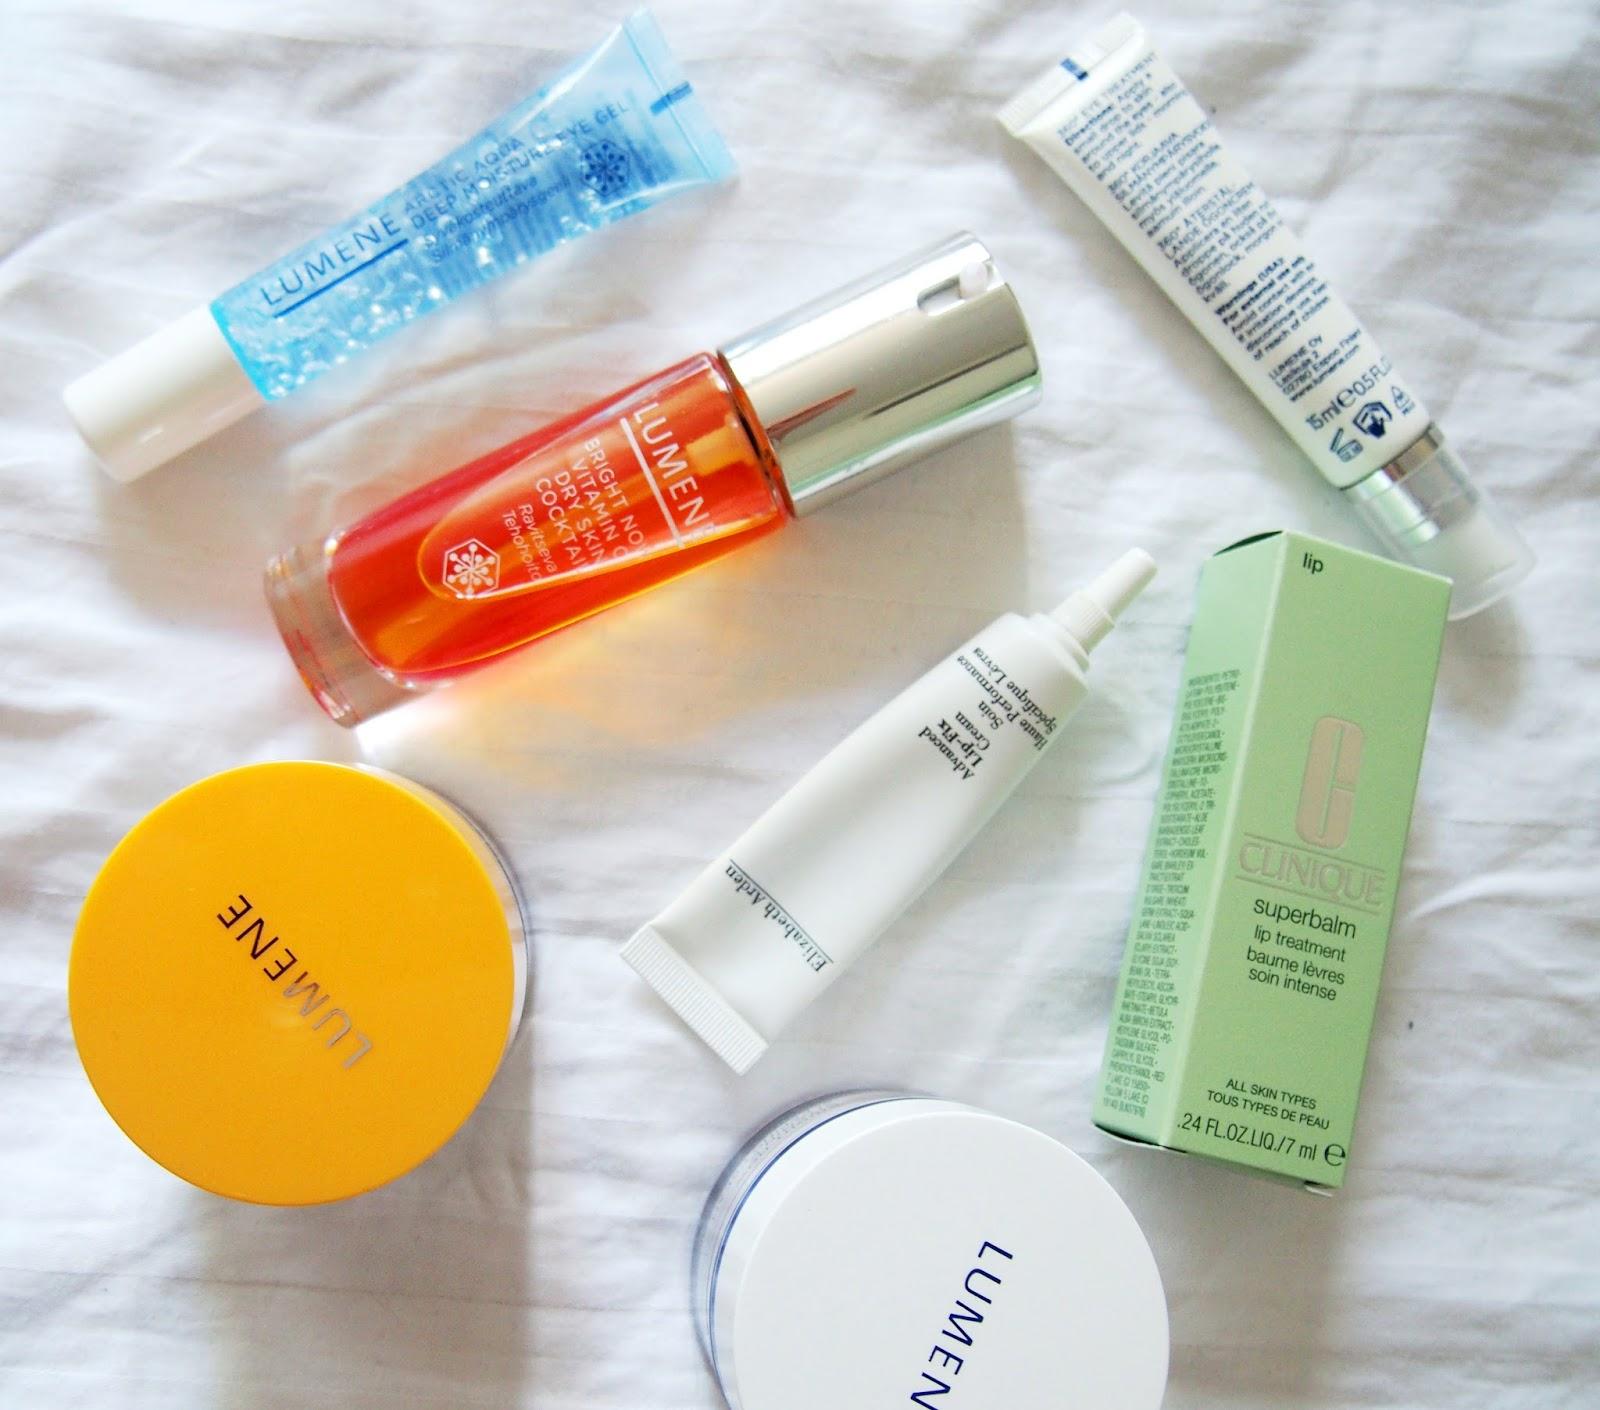 lumene elisabeth arden clinigue meikki make up beauty kauneus skin care ihon hoito iho kasvot face ansiktet take care hoitaa huoltaa pesu puhdistus puhdistaa